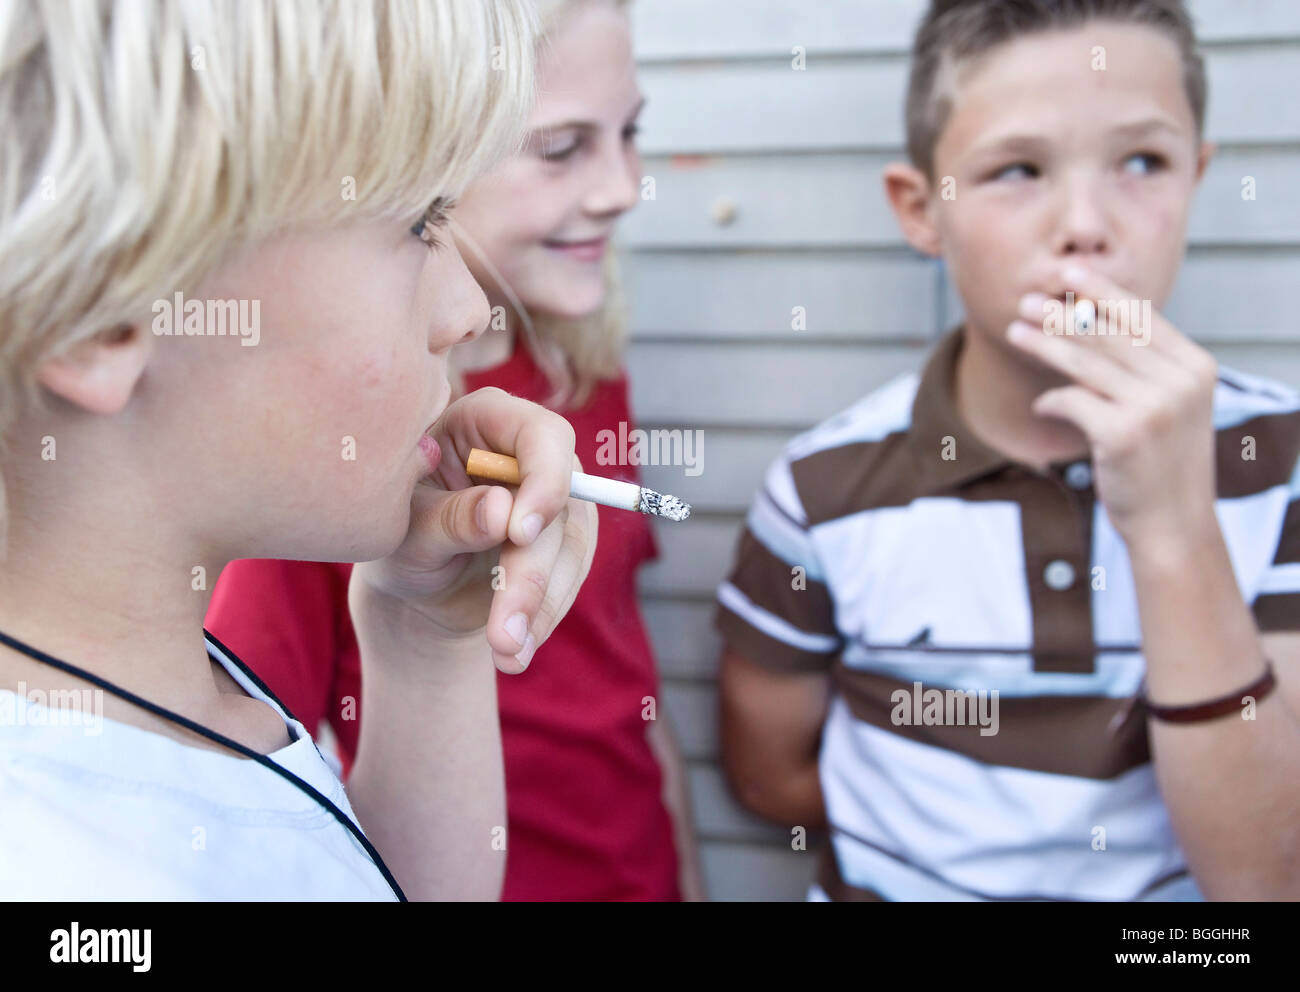 Rauchen aufhoren geschichte mit kind